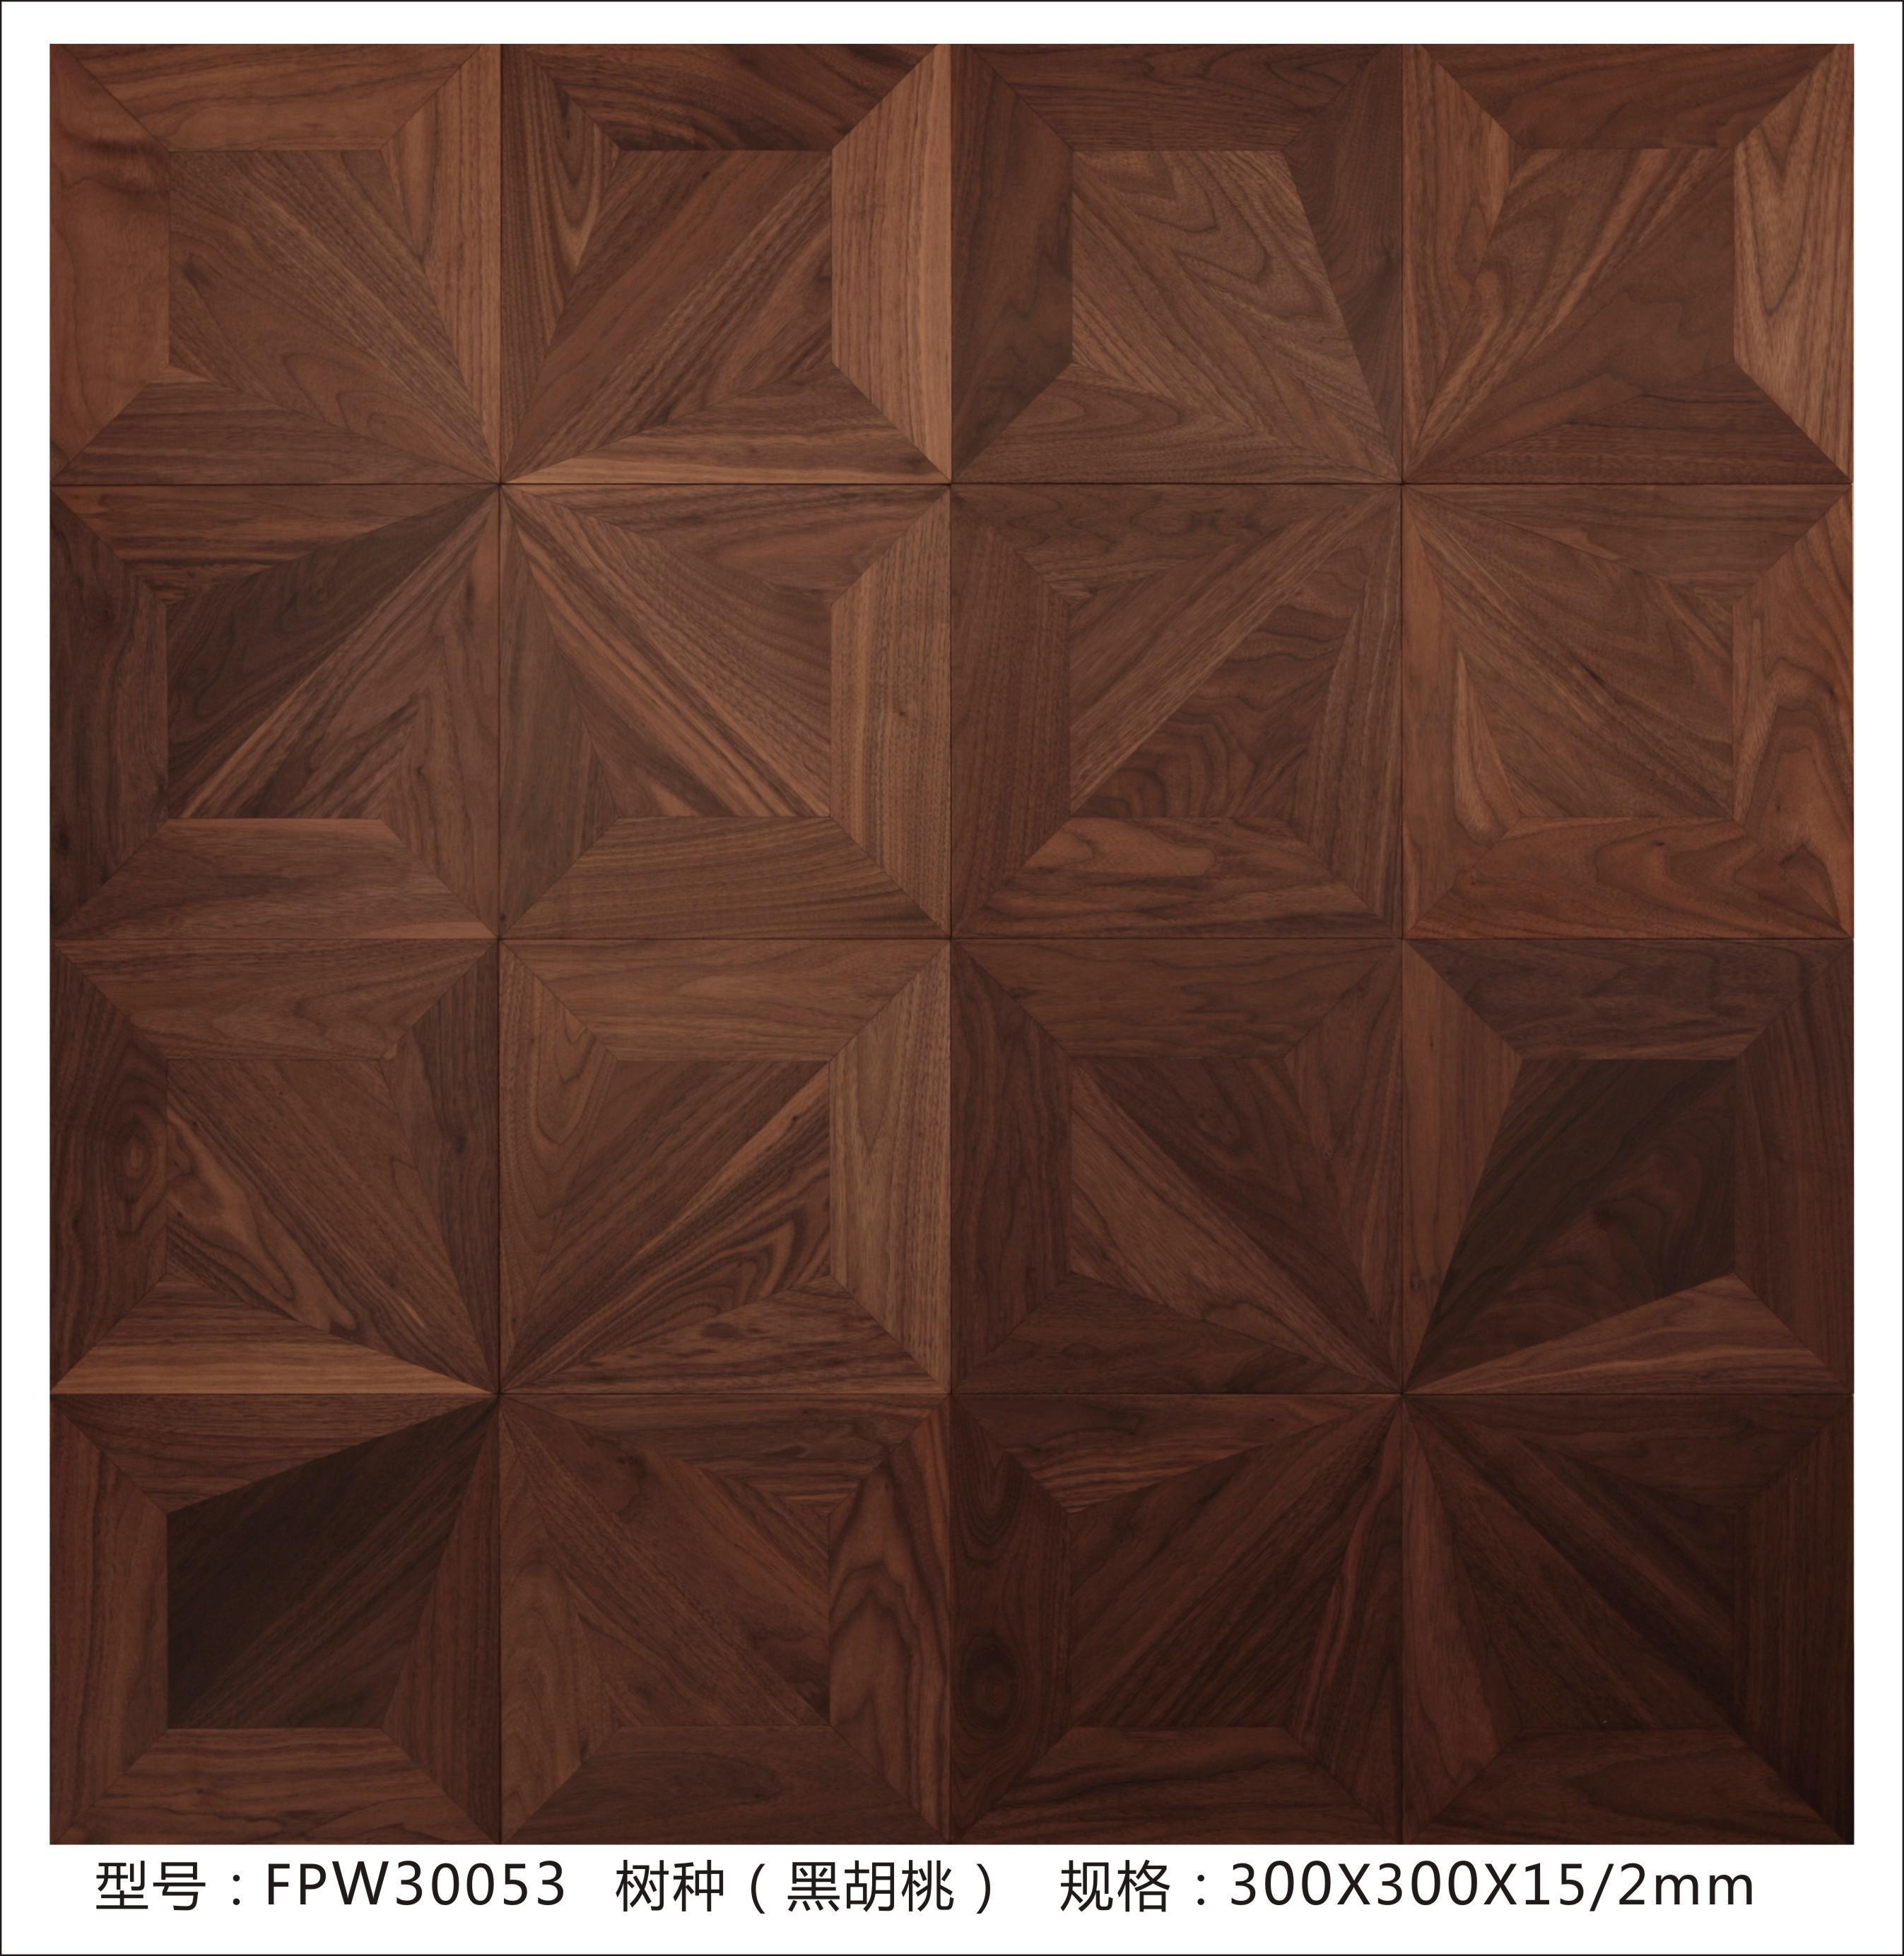 艺术拼花木地板表面的花纹经过设计拼花而成,其外形极具艺术感,也颇有